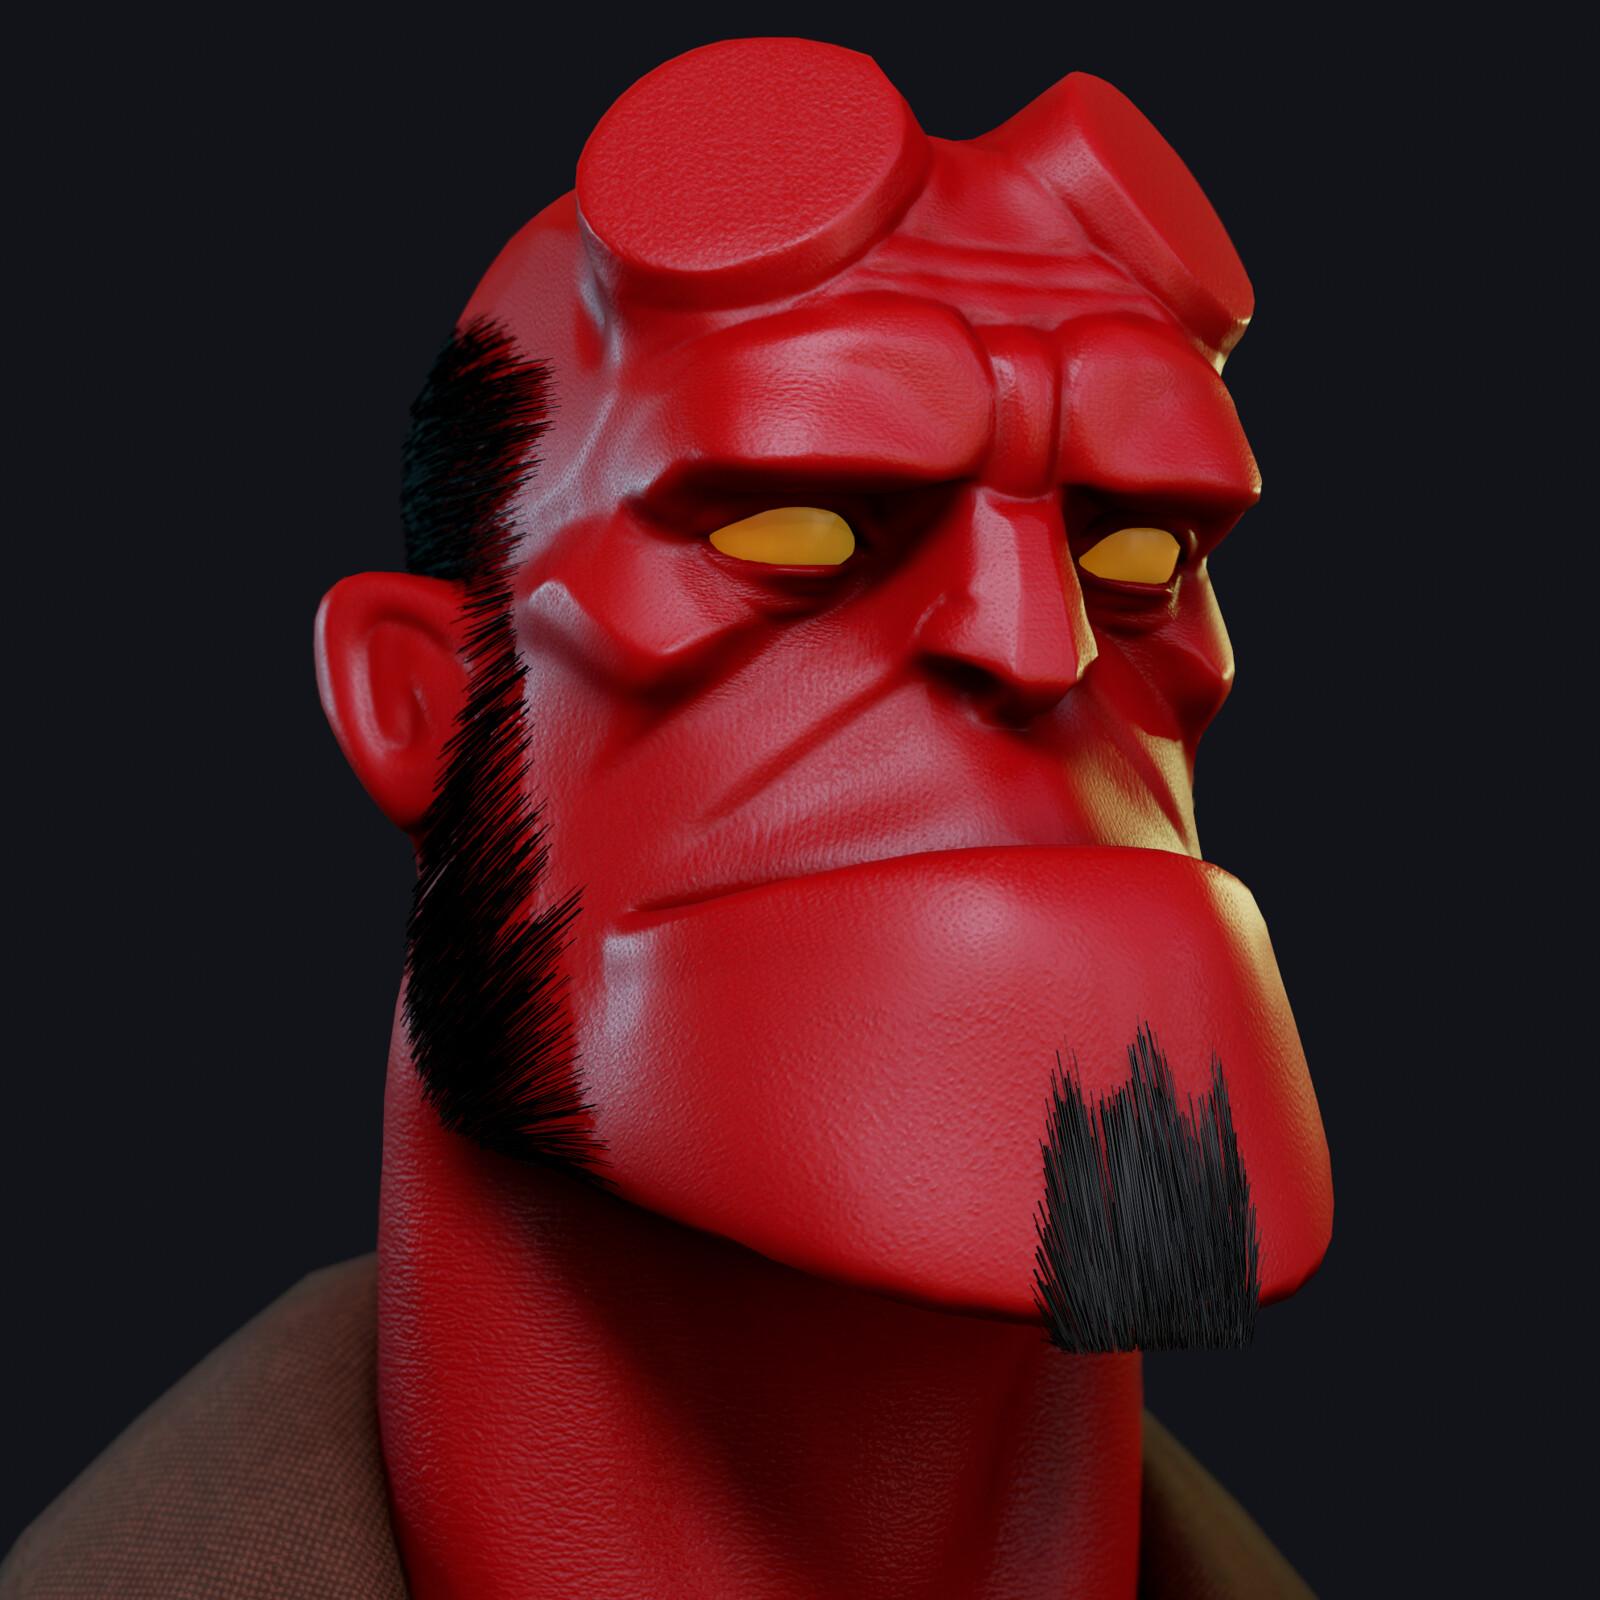 Hellboy (Mignola style)